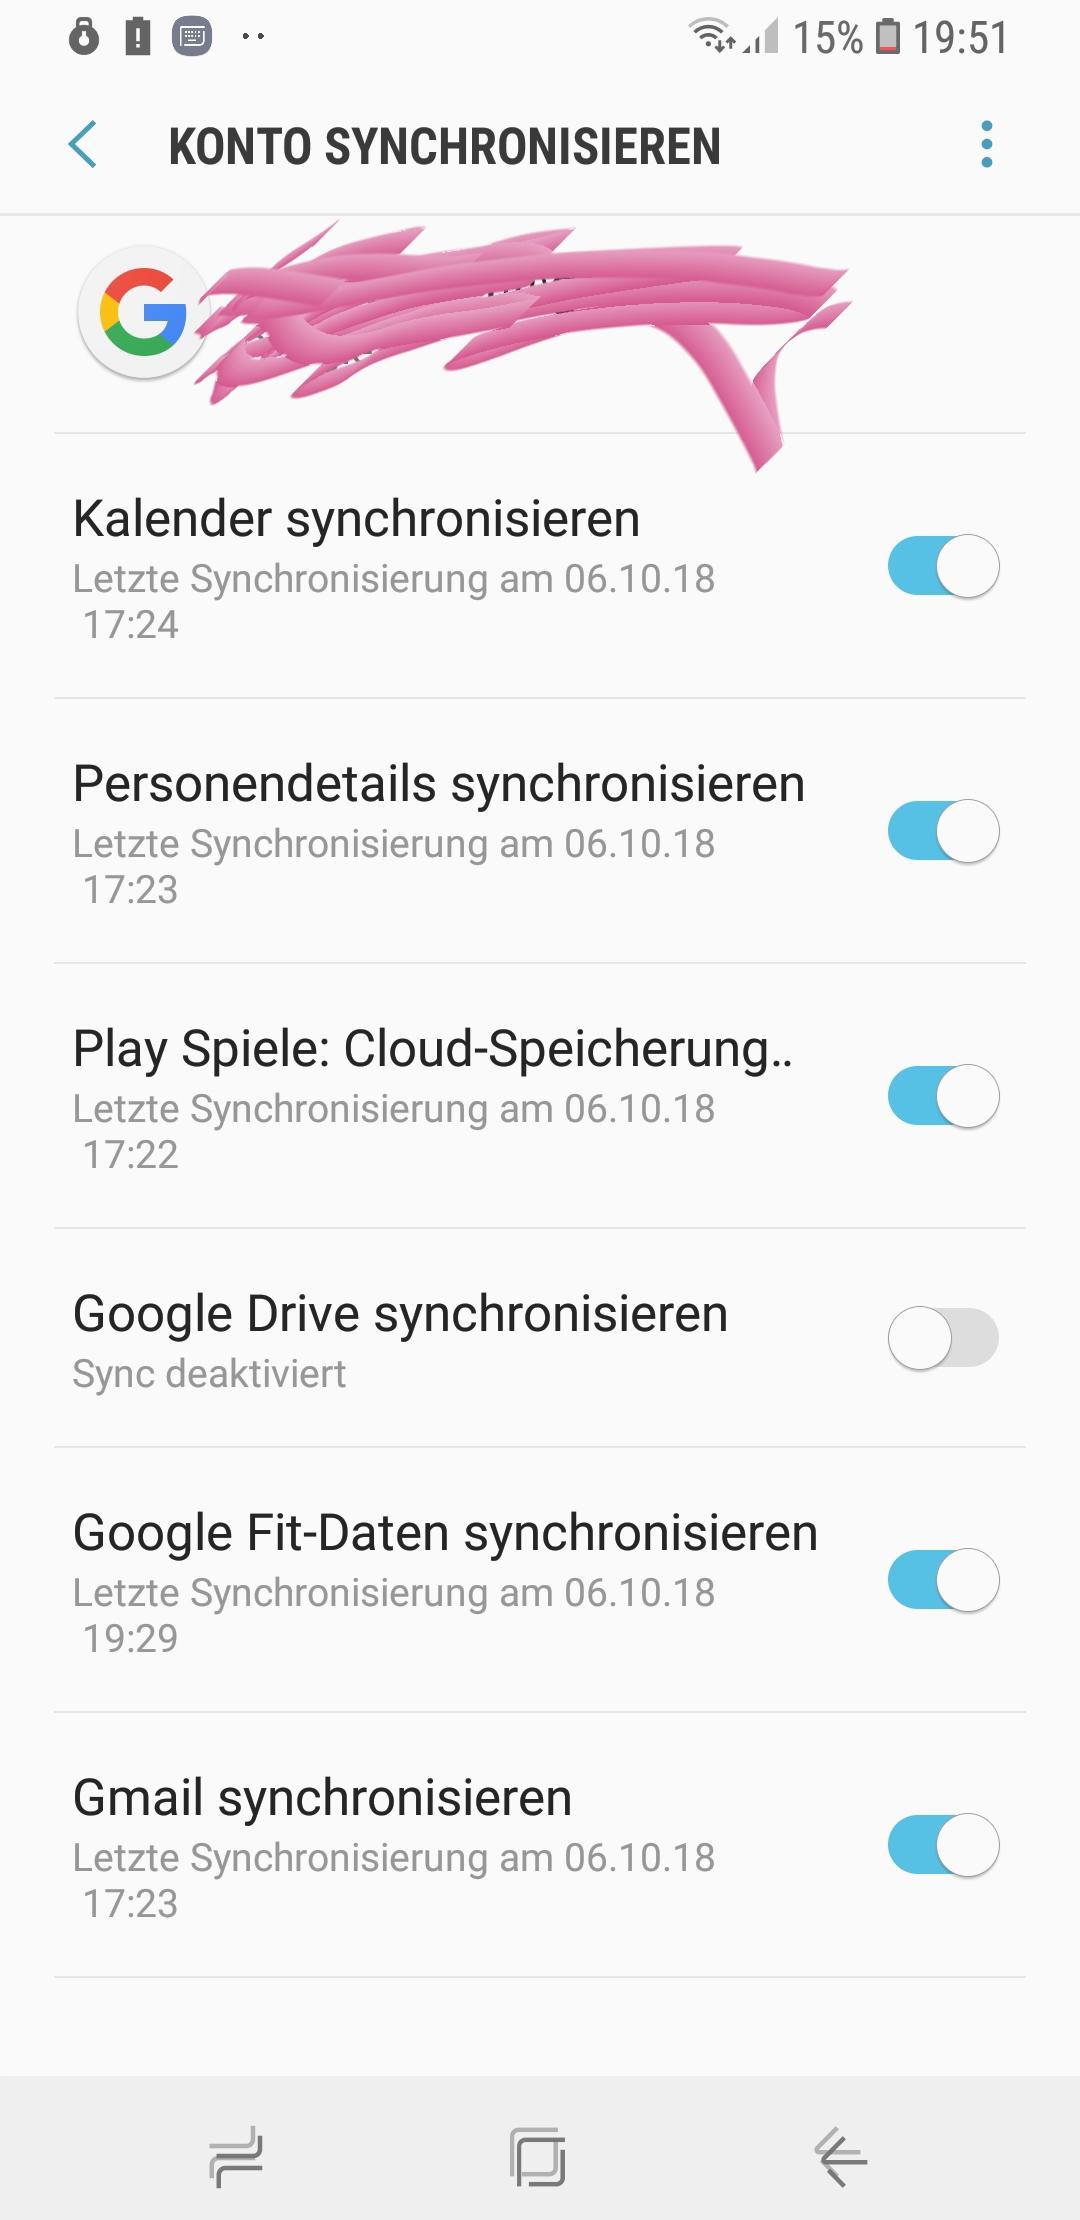 Google konto kontakte nicht synchronisieren